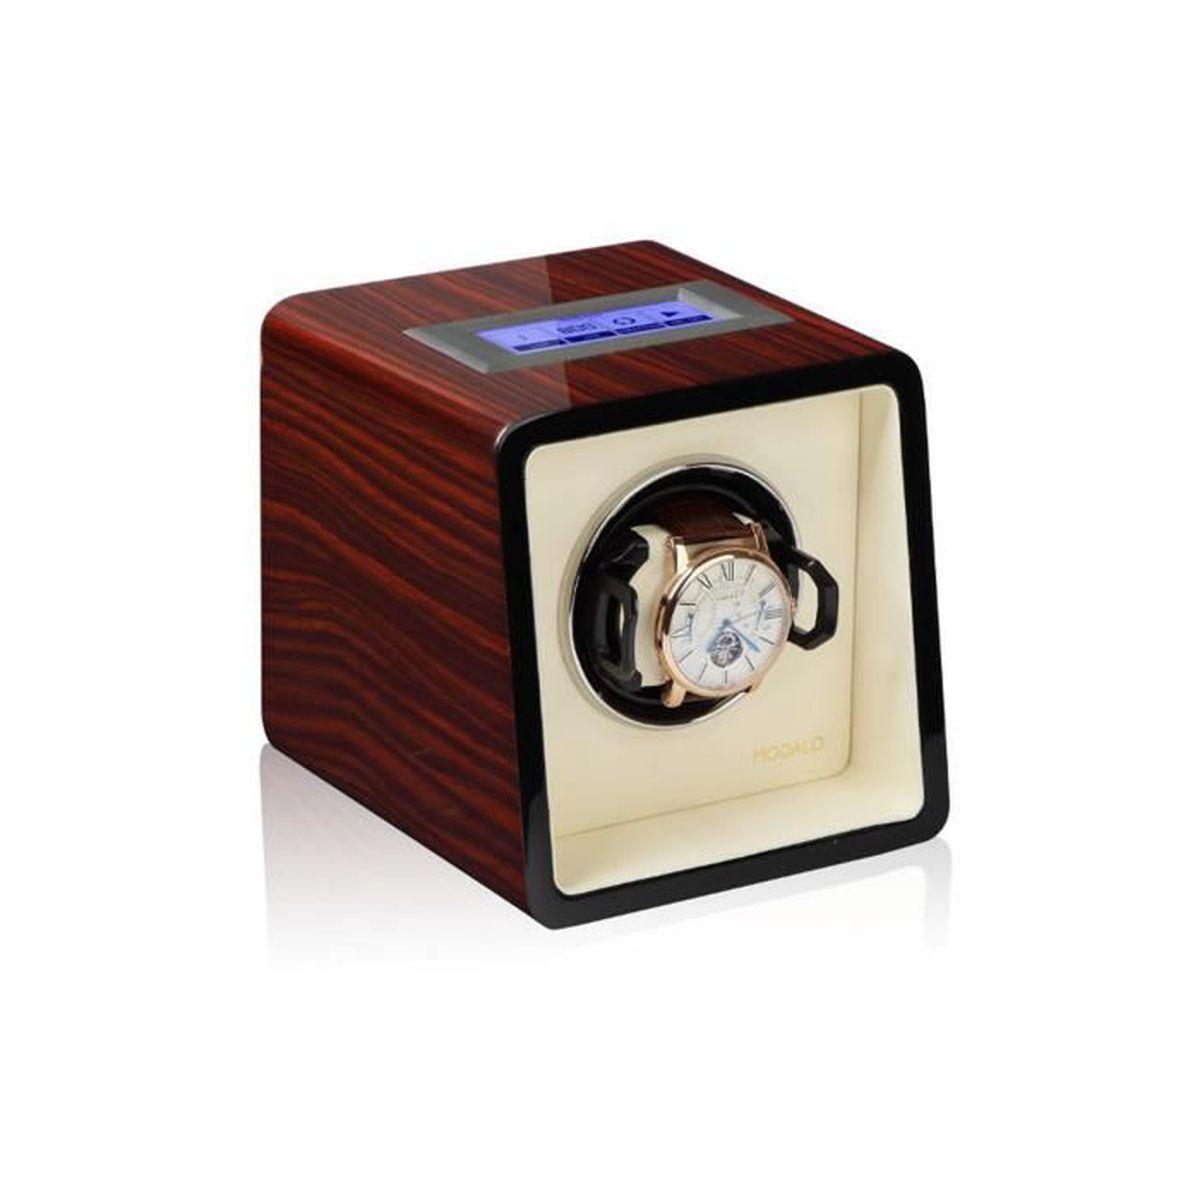 Modalo - 1701623 - Montre Mixte - Bracelet - Achat / Vente montre ...